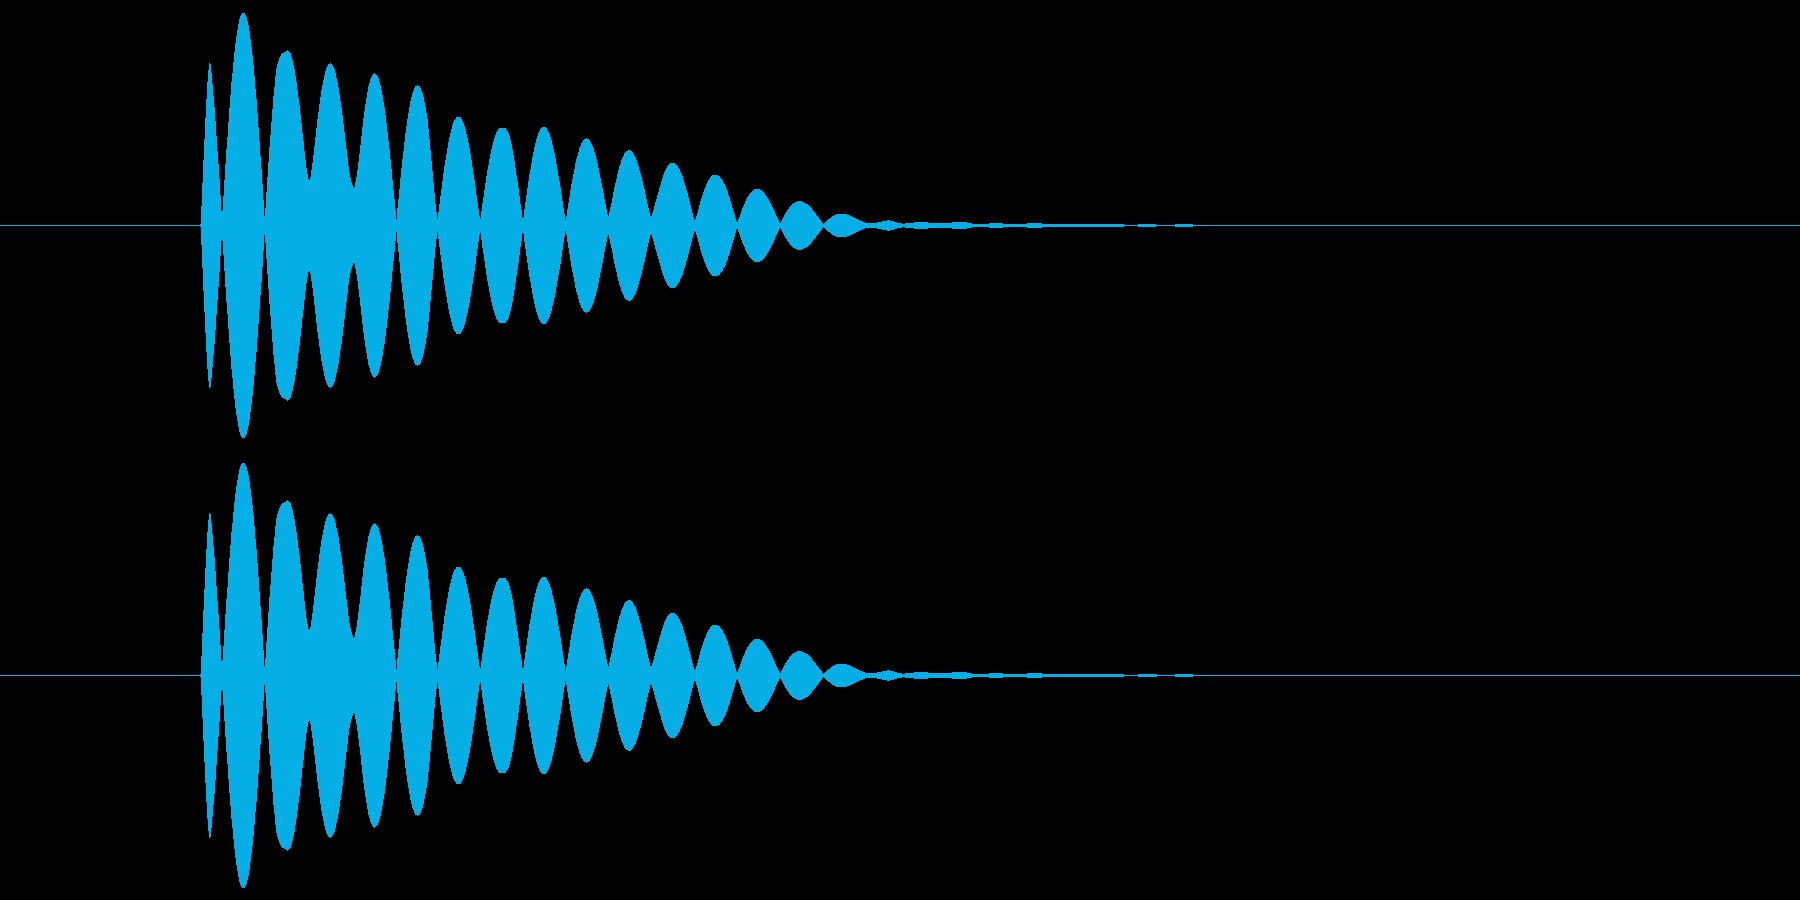 ポーン(透明感のある余韻のある音) 02の再生済みの波形